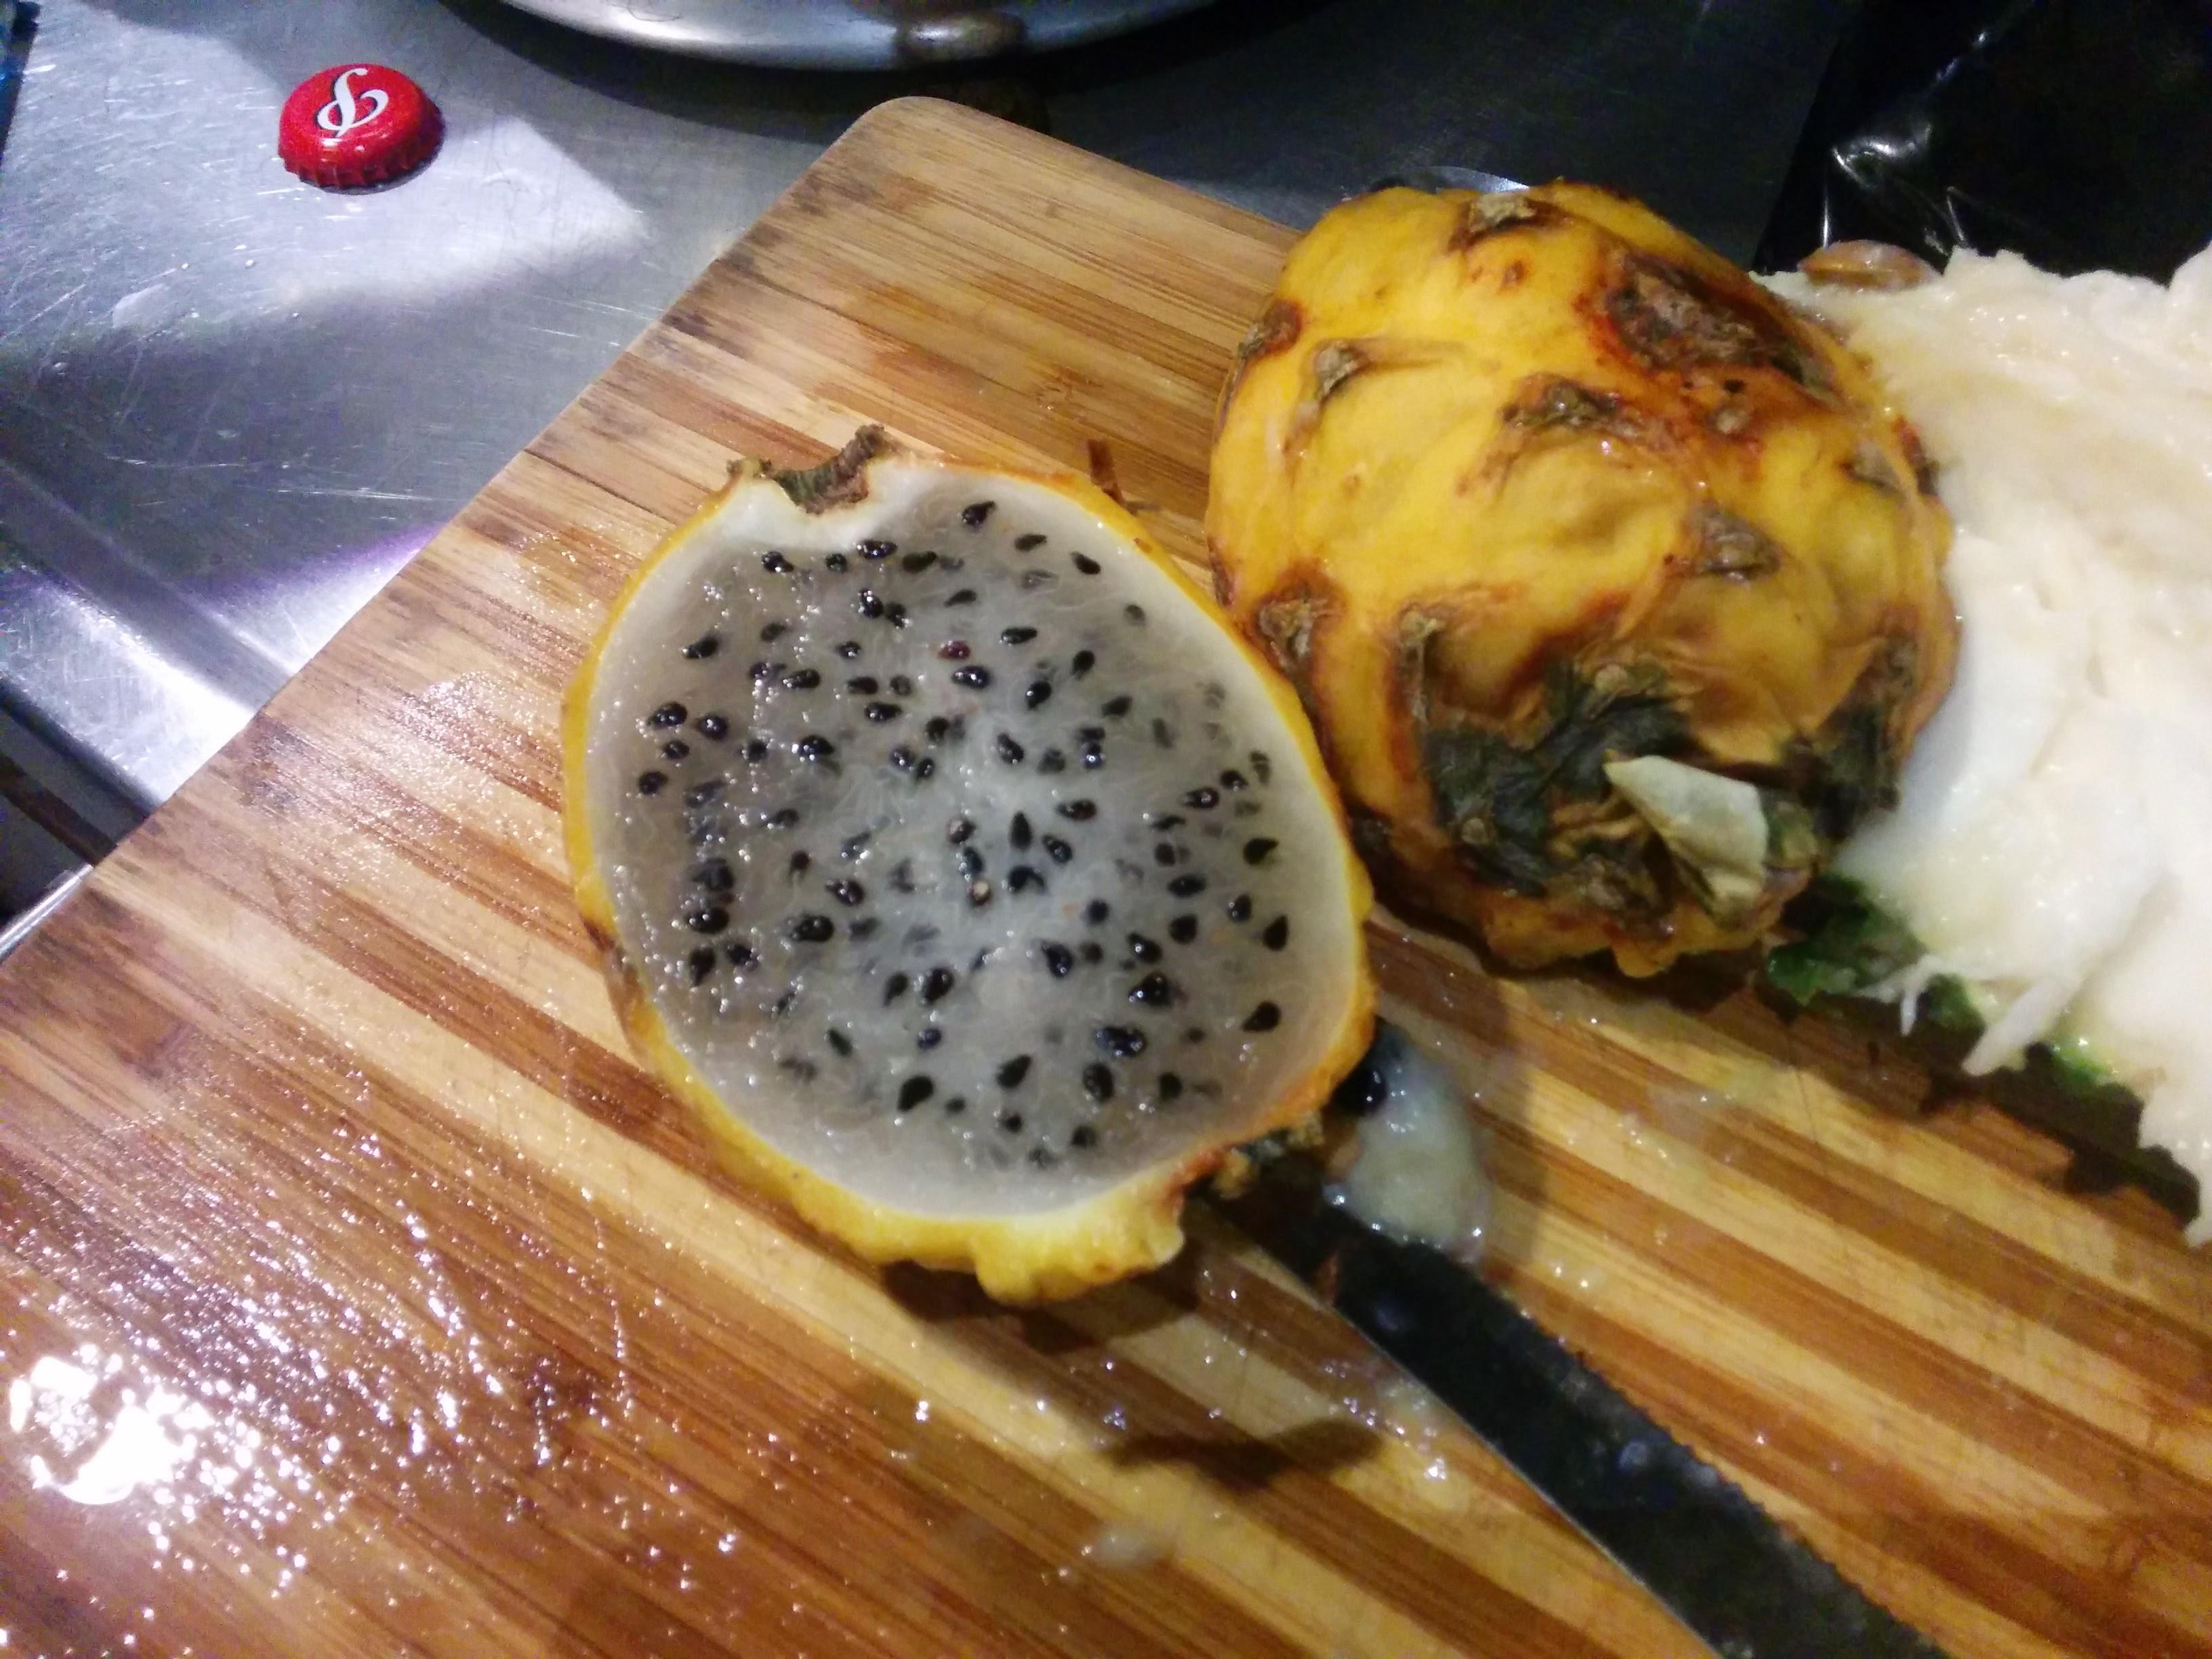 exotic pitahaya fruit